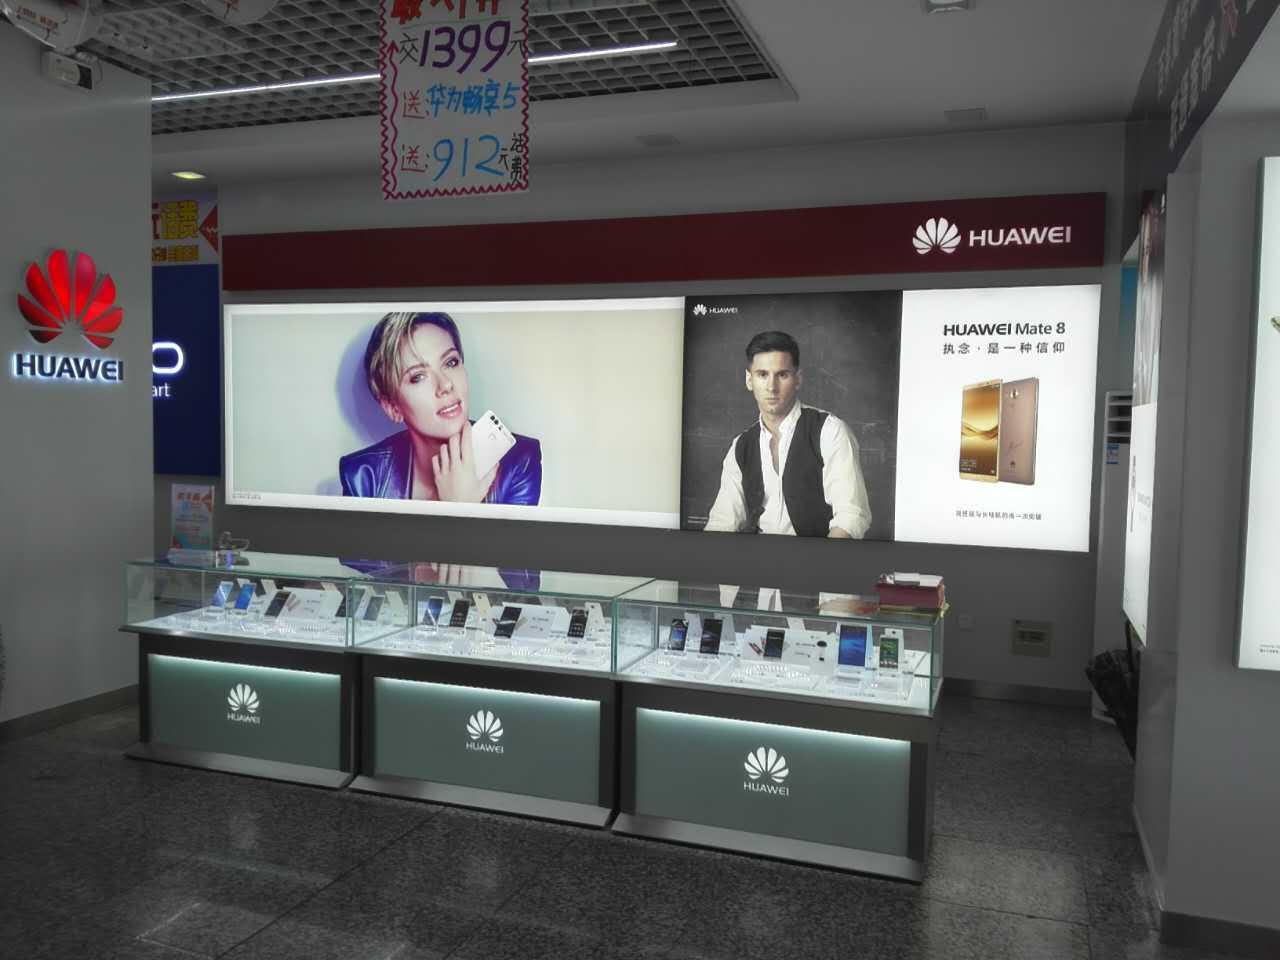 辽联集团-喊一手机工厂展示 成功案例 第5张